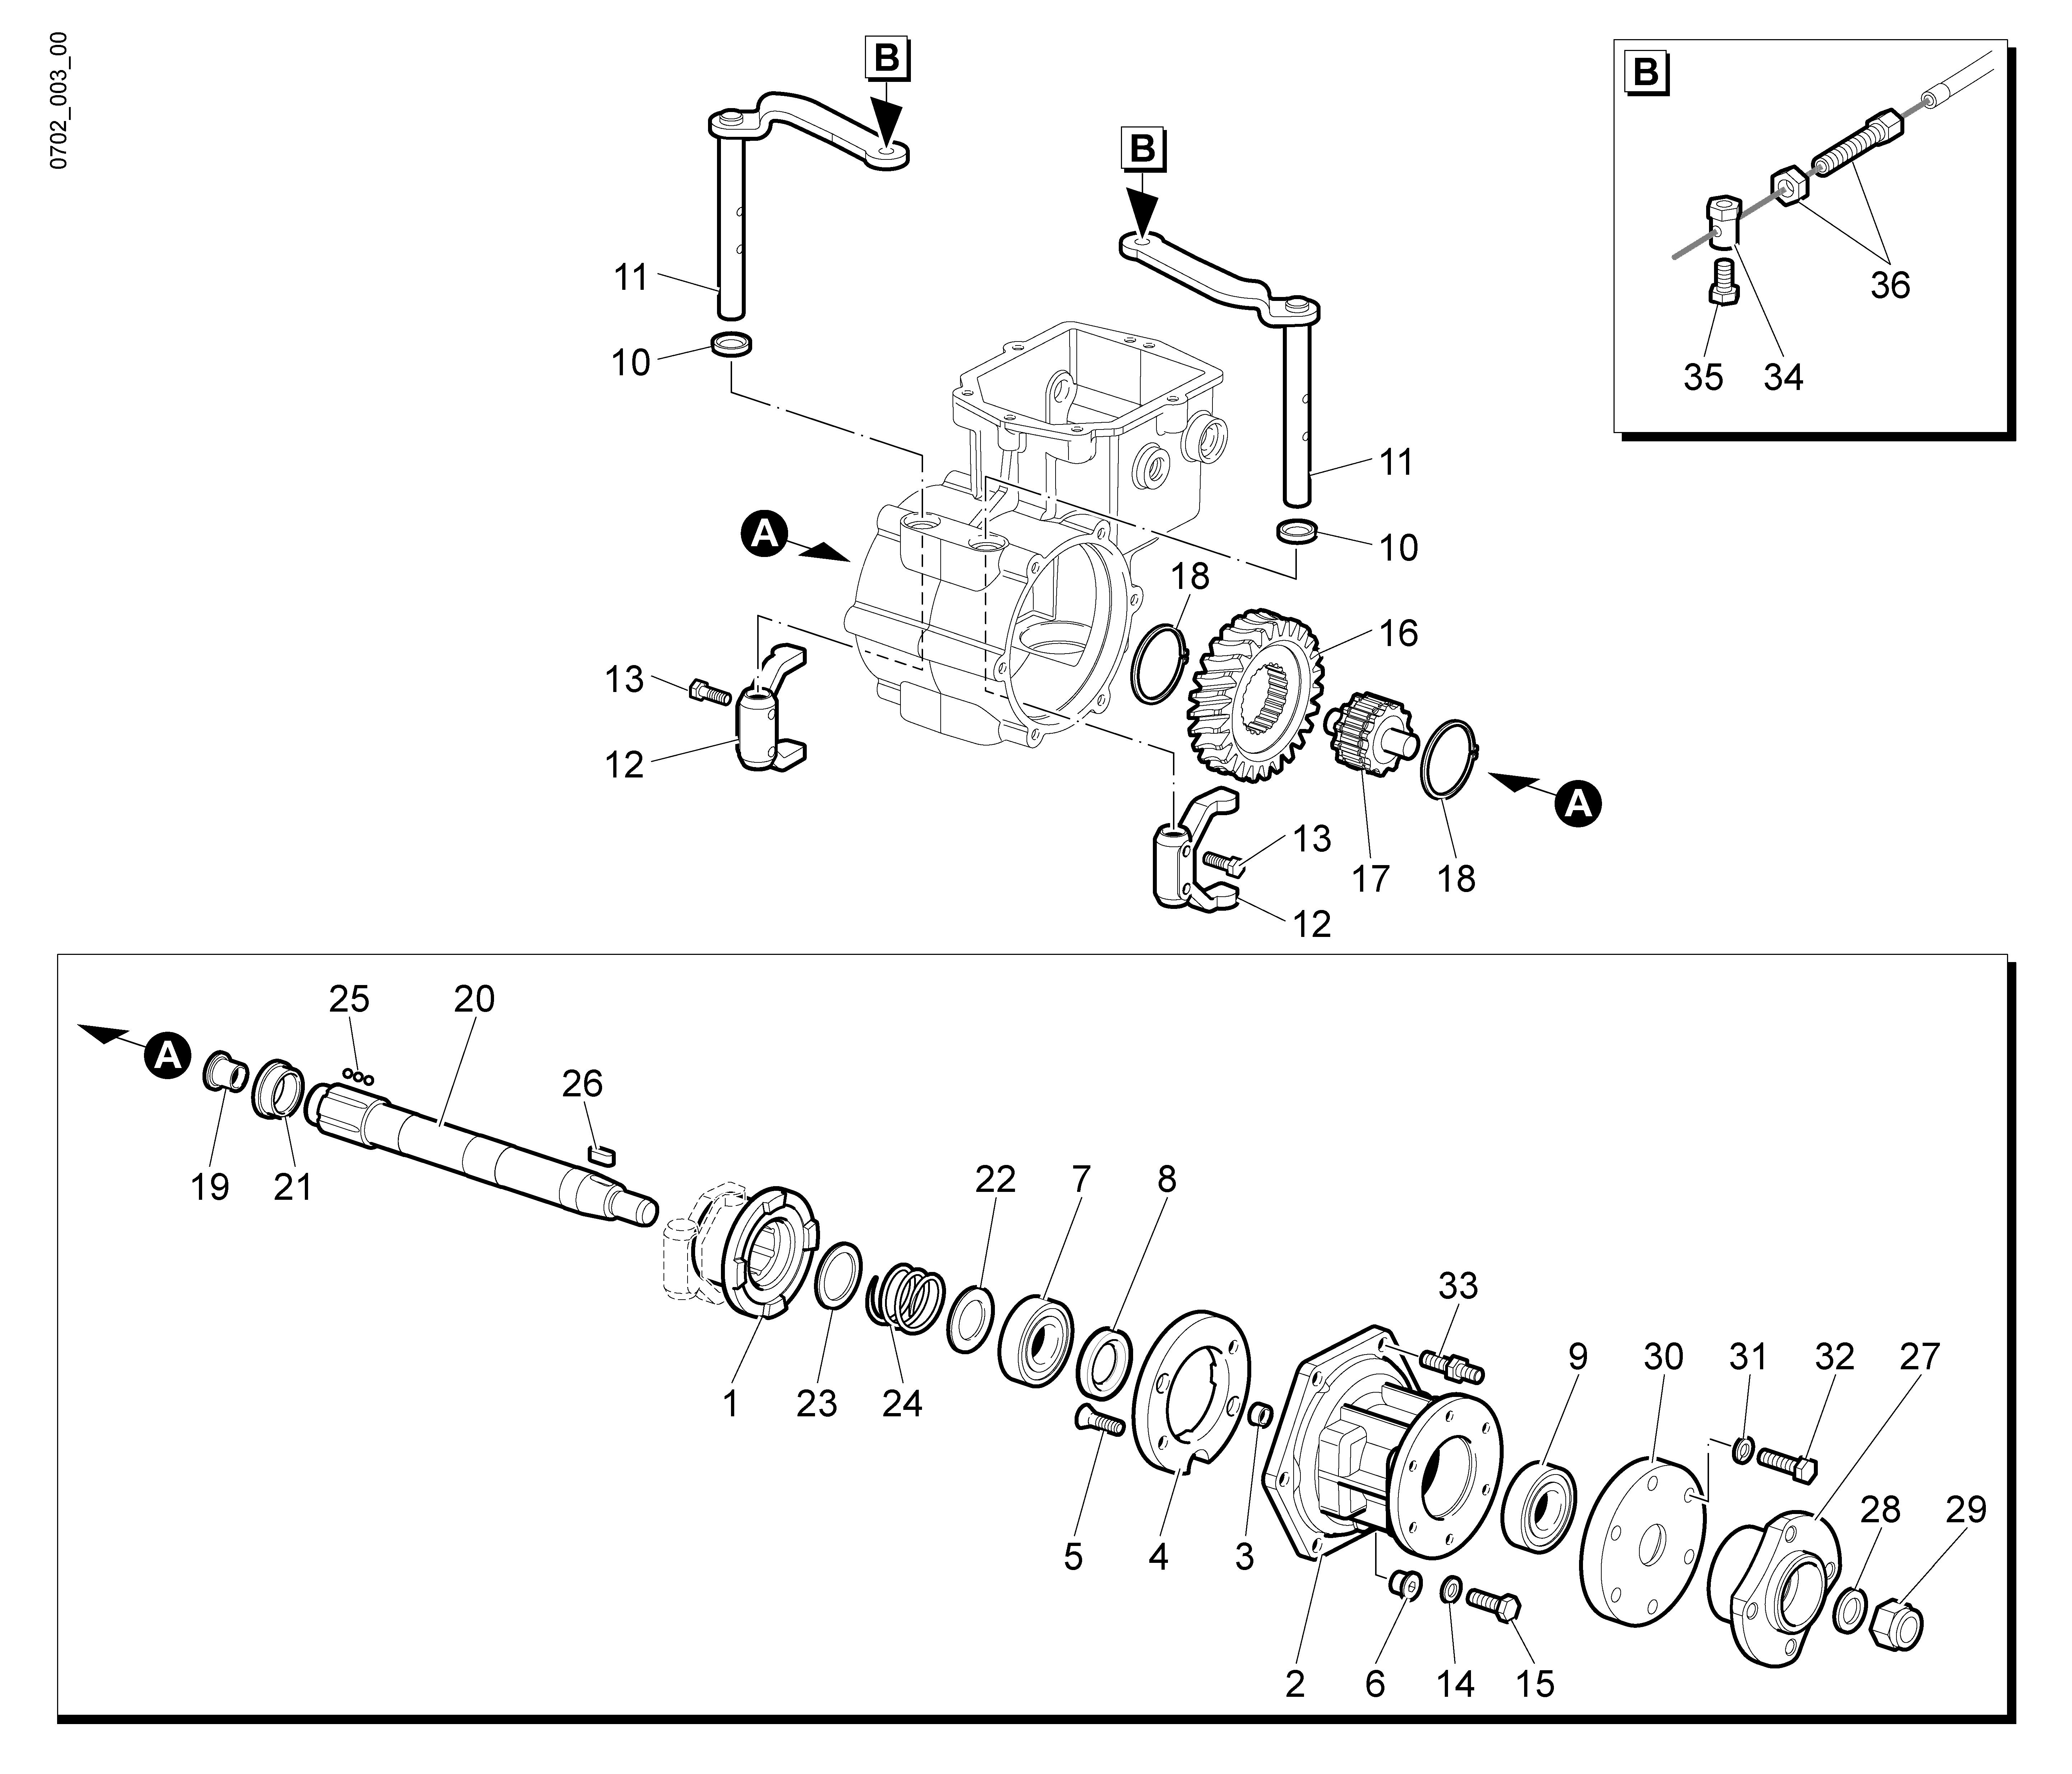 WB 80 KR 11 Tondeuse à fléaux  Oleomac Vue éclatée  Dessins pièces -  Engrenages de la boite a vitesse (2/2)